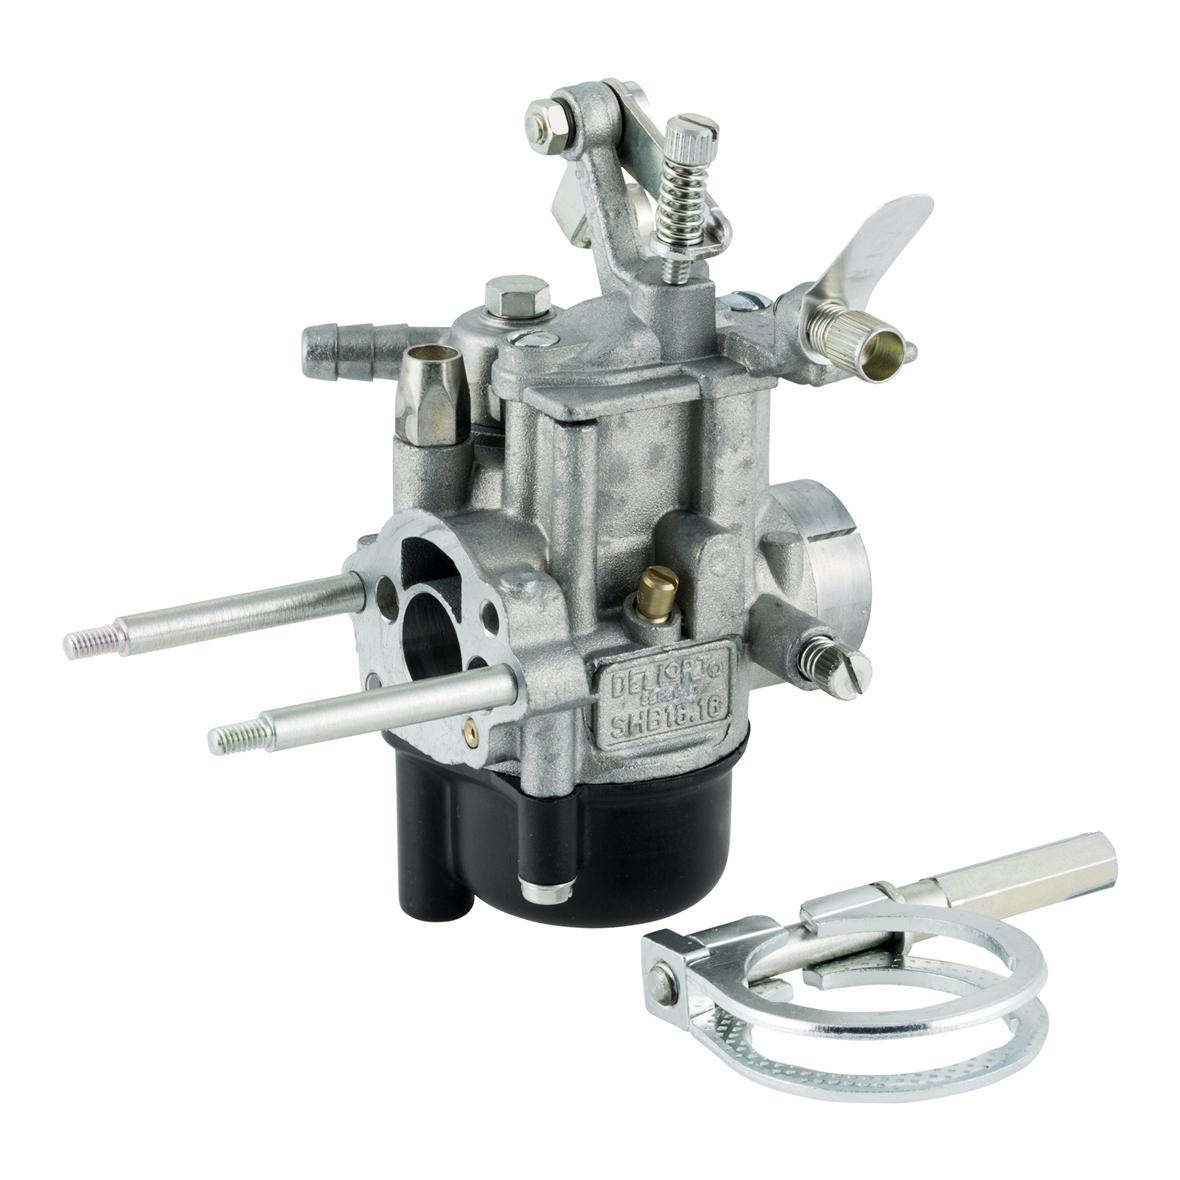 VESPA LUFTFILTER Vergaser SHB 16 16 10 V 50 N S  Special SS 90 S.Sprint Dellorto